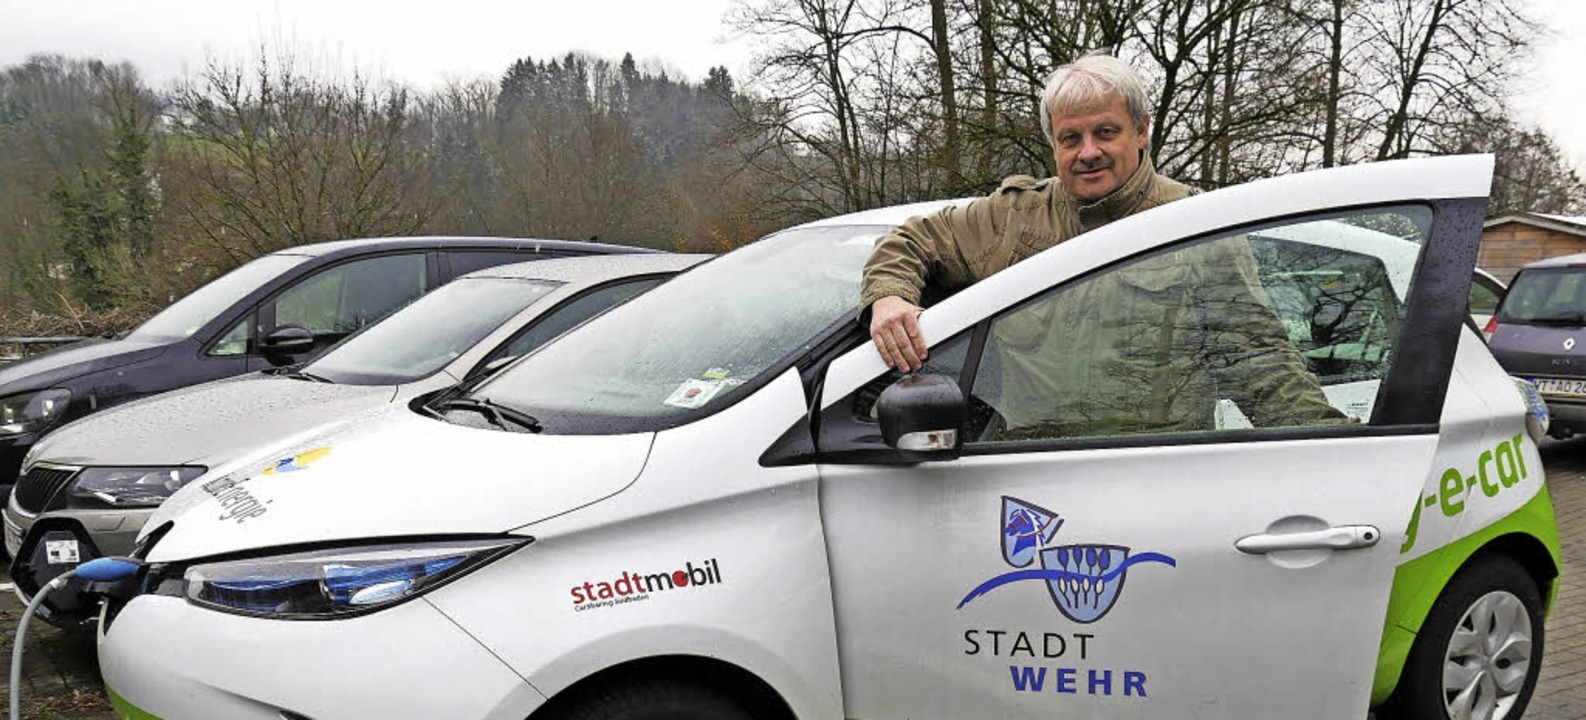 Clemens Thoma ist überzeugt von der El...ität und vom Konzept des Car-Sharings.  | Foto: Jörn Kerckhoff